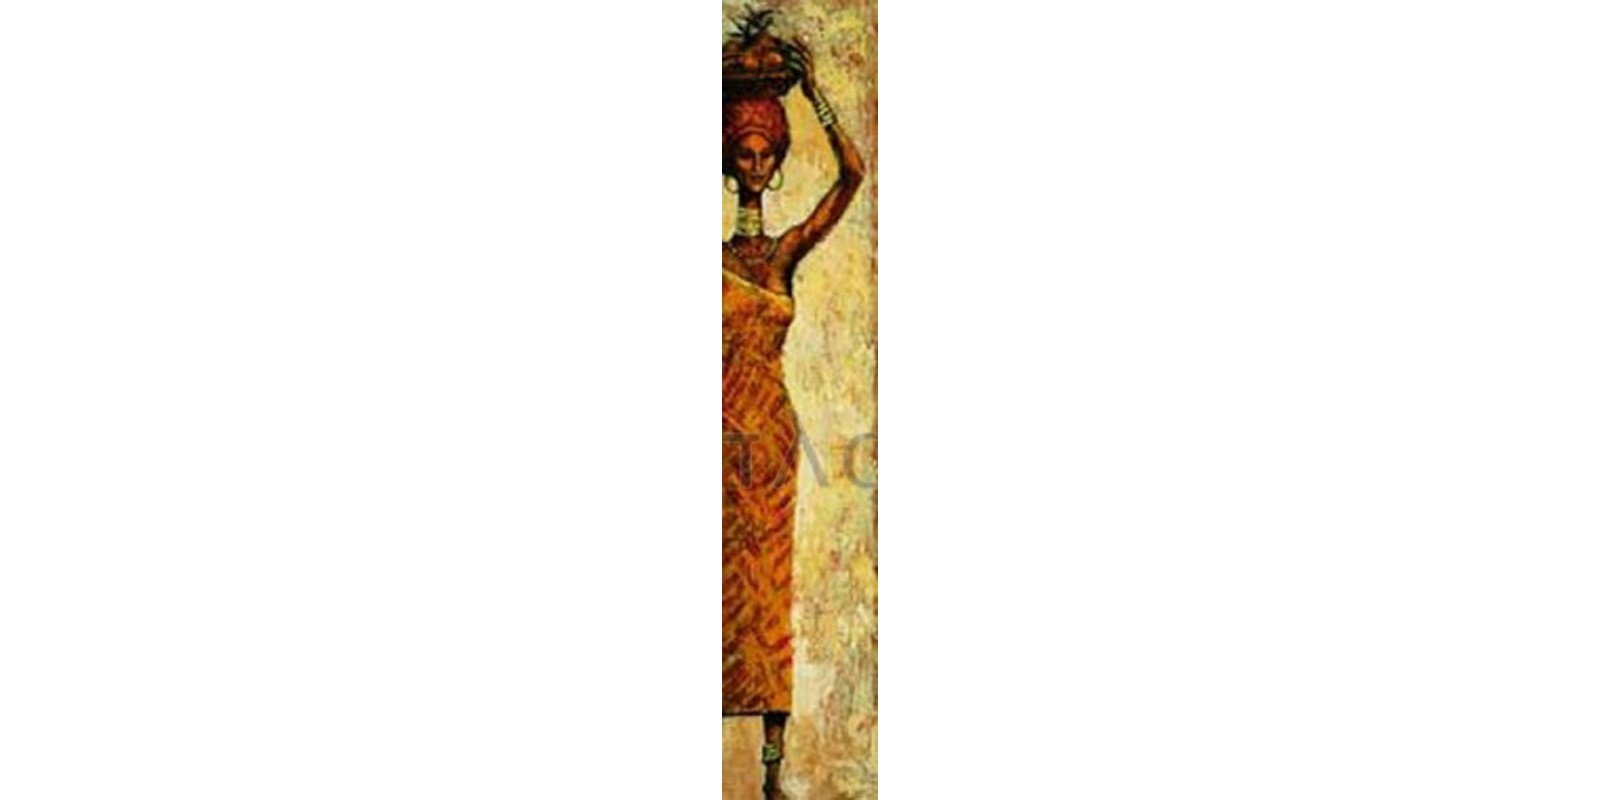 Terence Halley - African Woman III